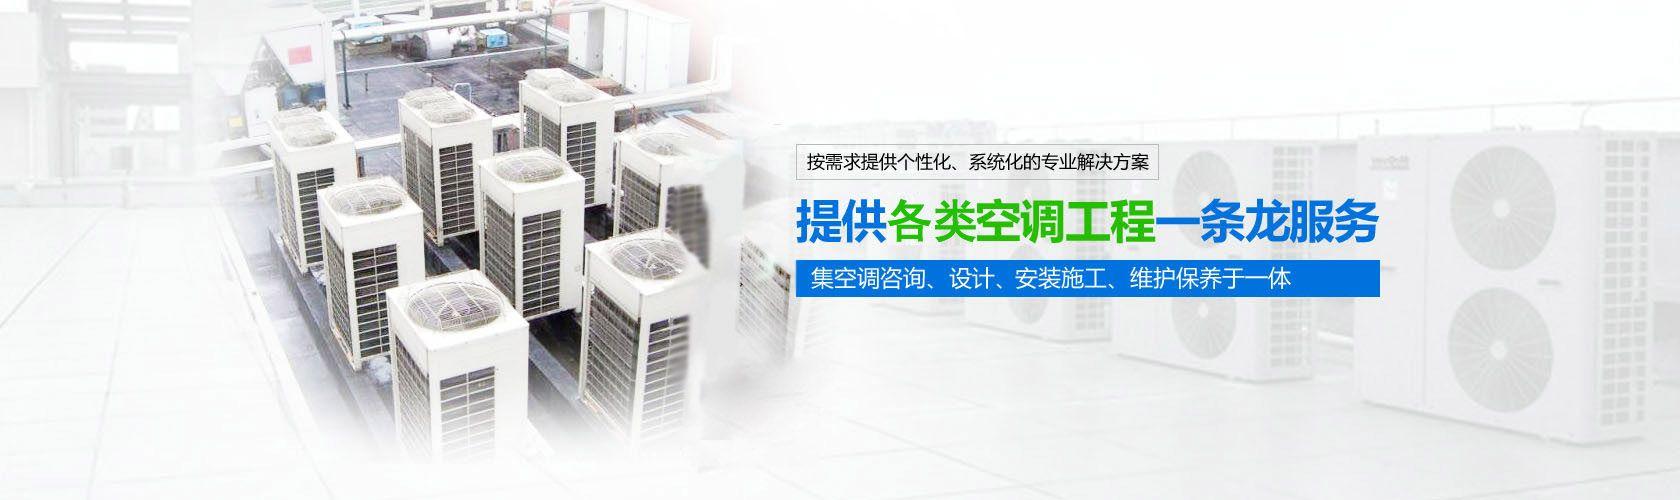 广州空调维修清洗保养一条龙